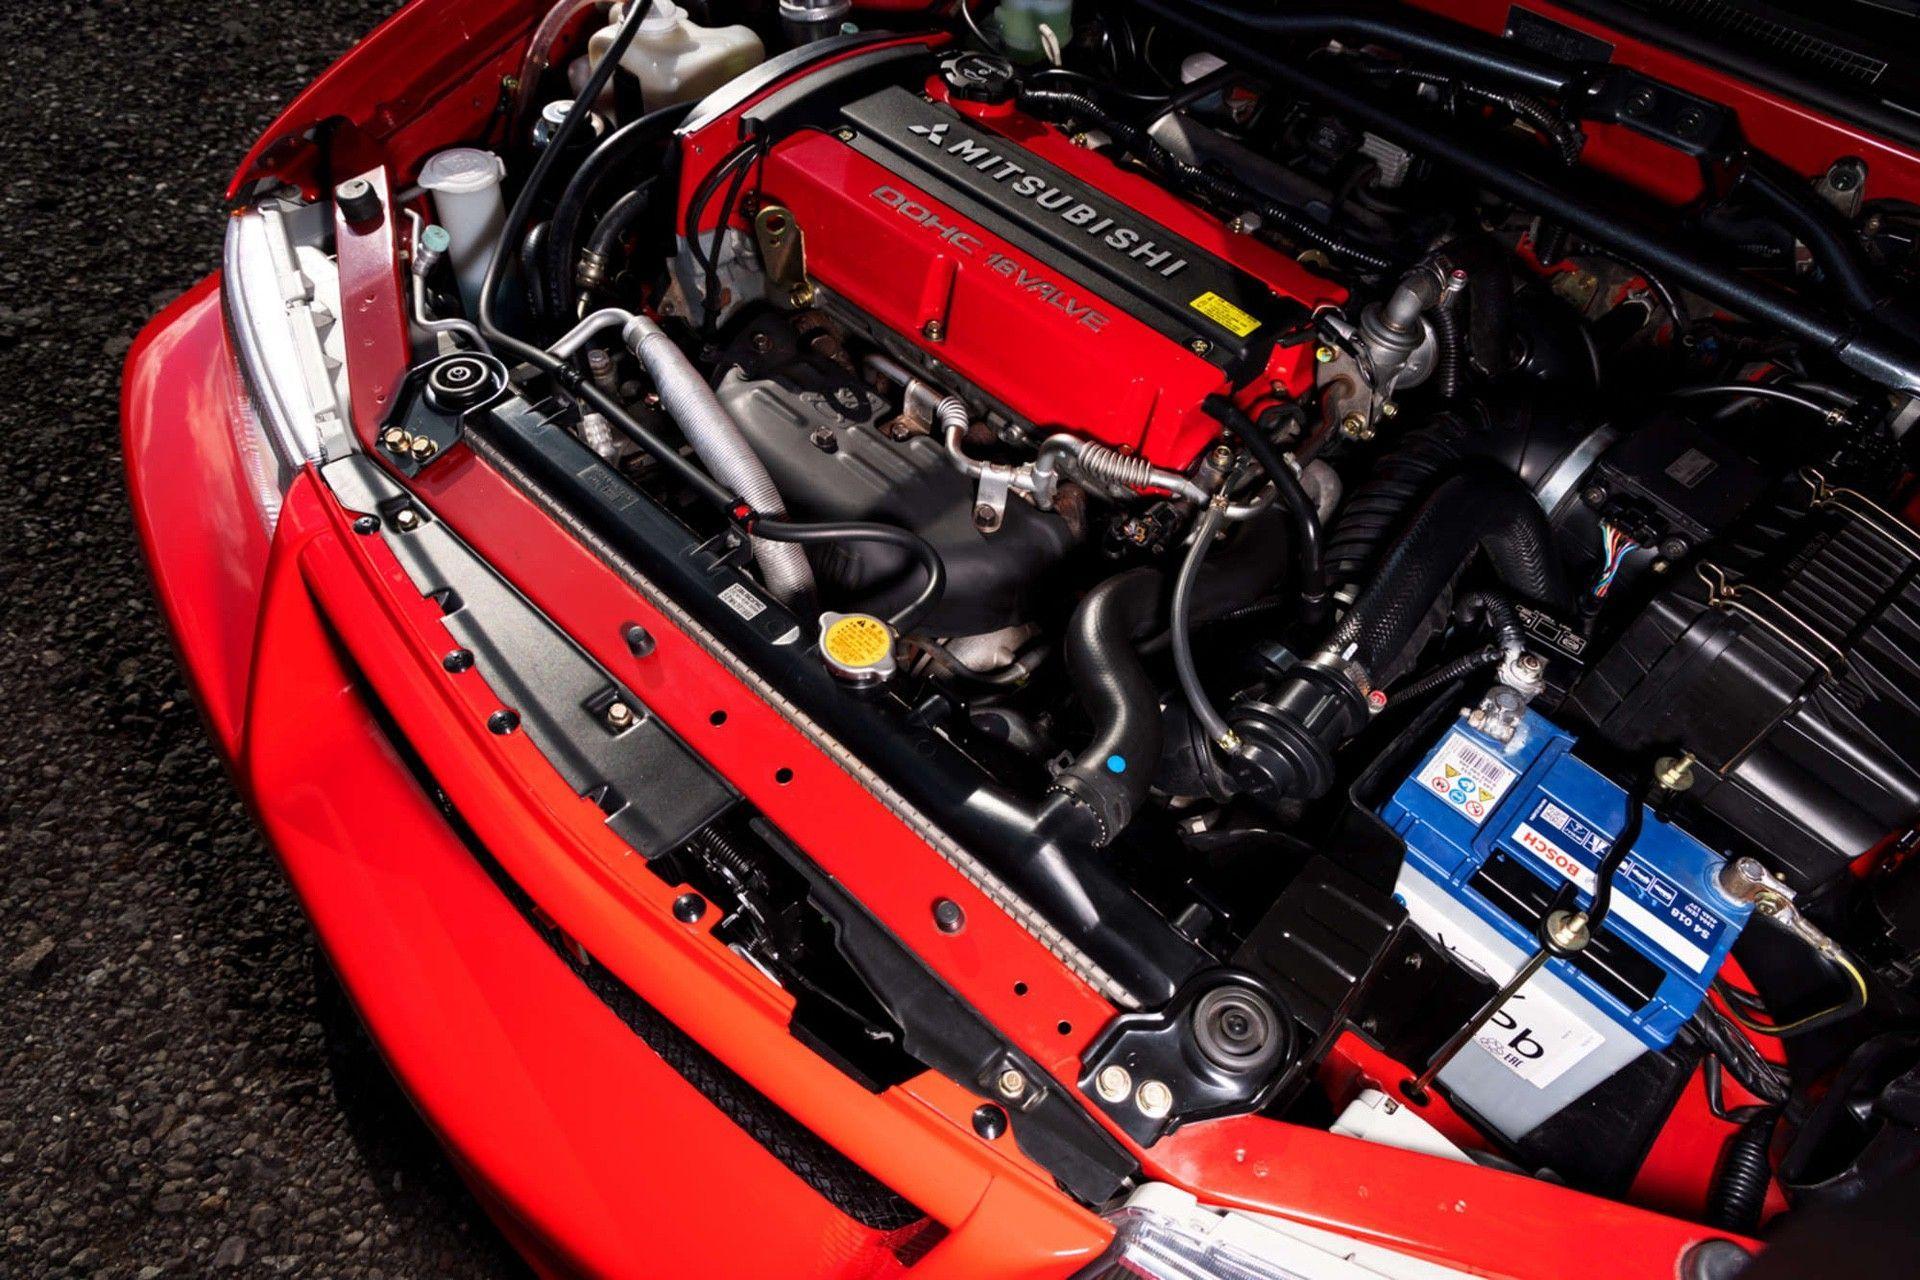 2000_Mitsubishi_Lancer_Evolution_VI_Tommi_Makinen_Edition_sale-0023